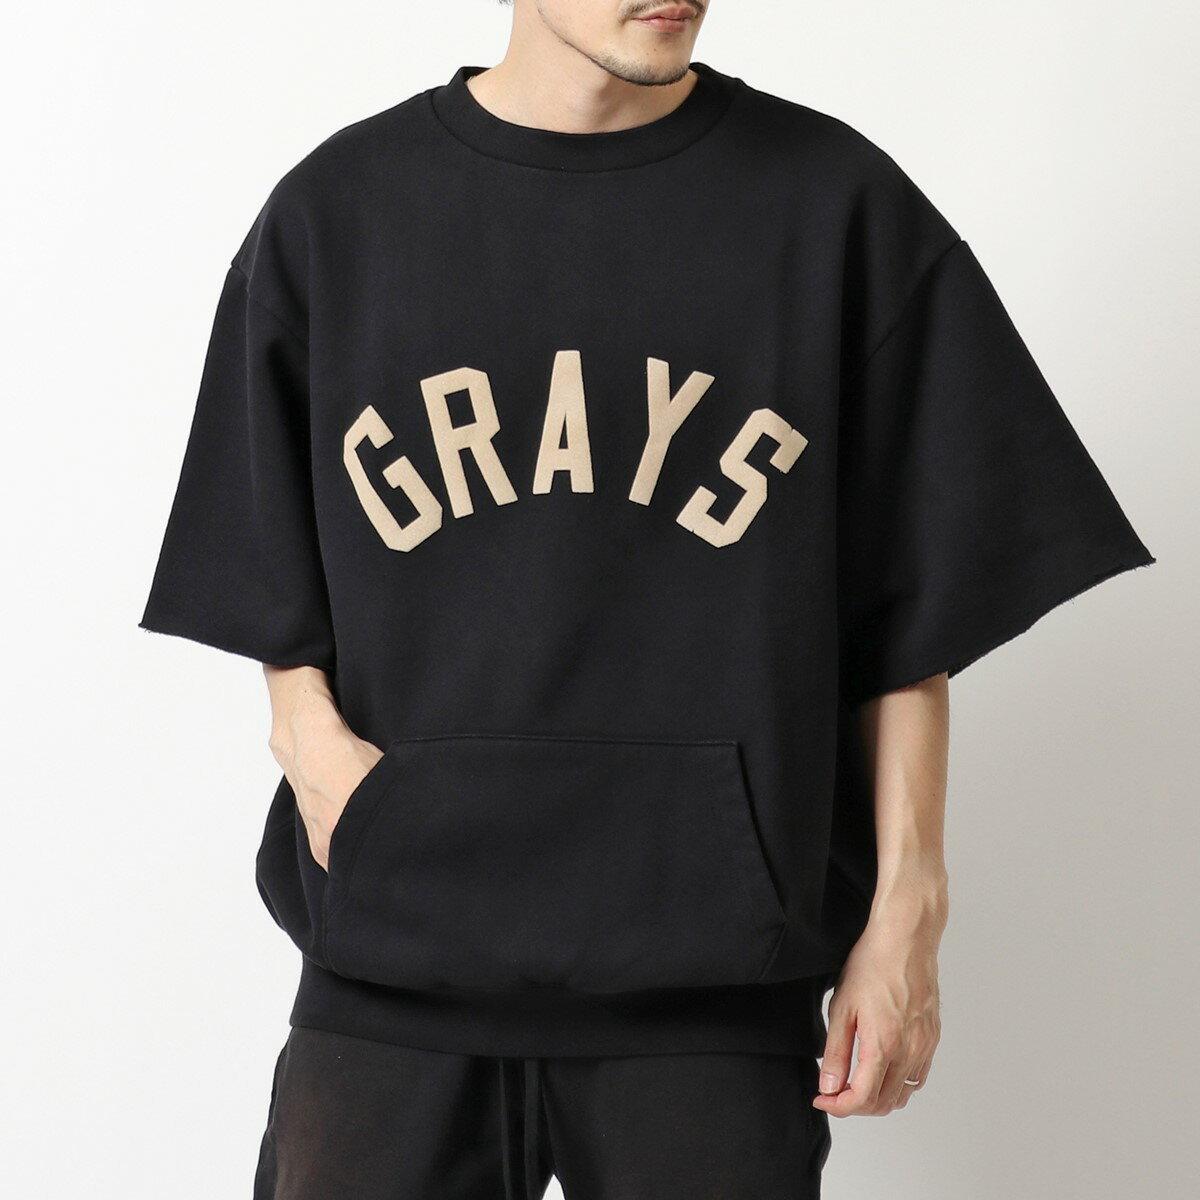 トップス, Tシャツ・カットソー FEAR OF GOD FG50 034FLC GRAYS 34 SLEEVE SWEATSHIRT T Black